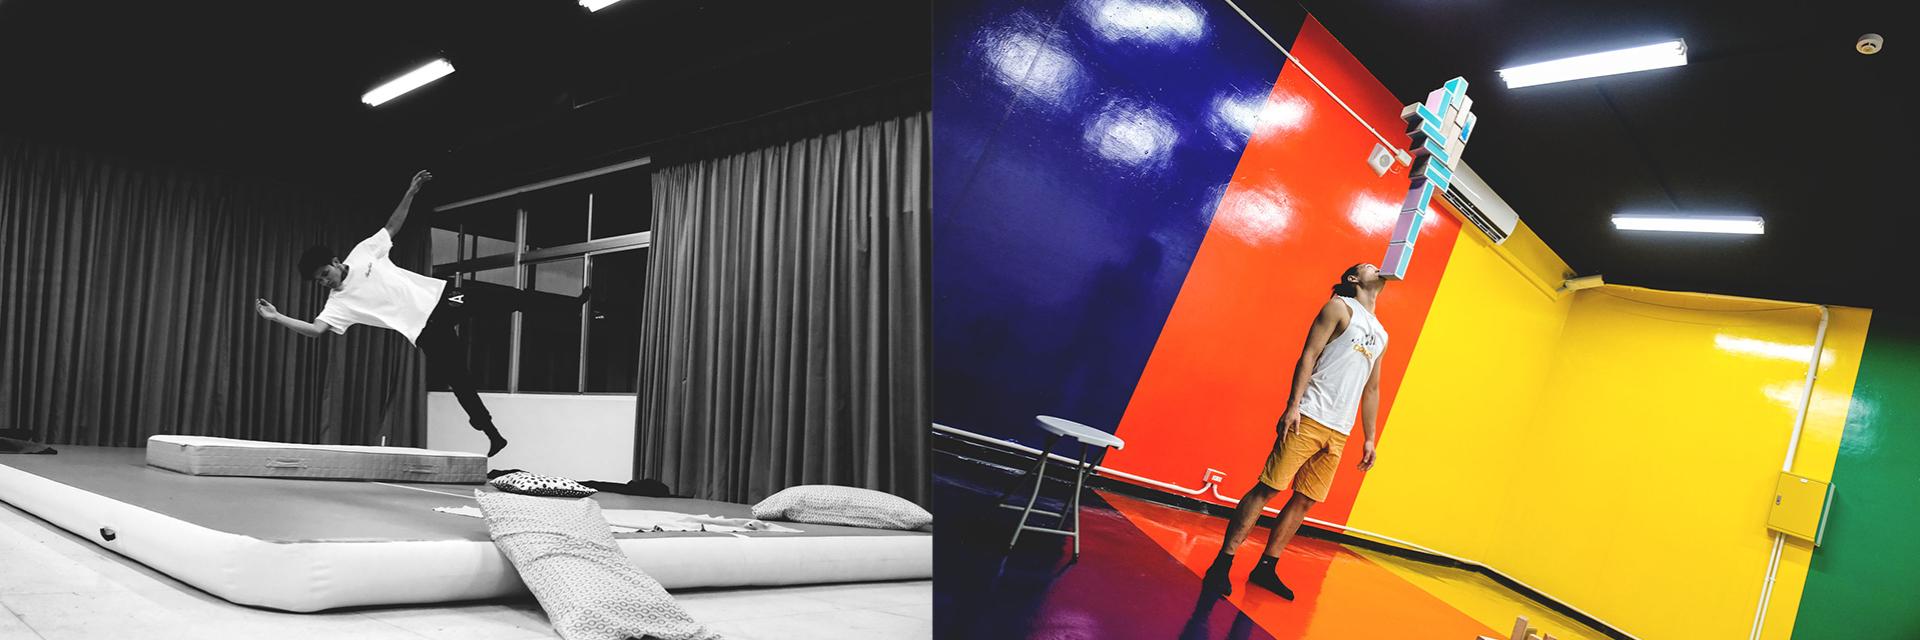 JUKSY 編輯帶你到空總看表演暢玩感官!決不能錯過的新馬戲《公寓裡凡人不會做的家事》